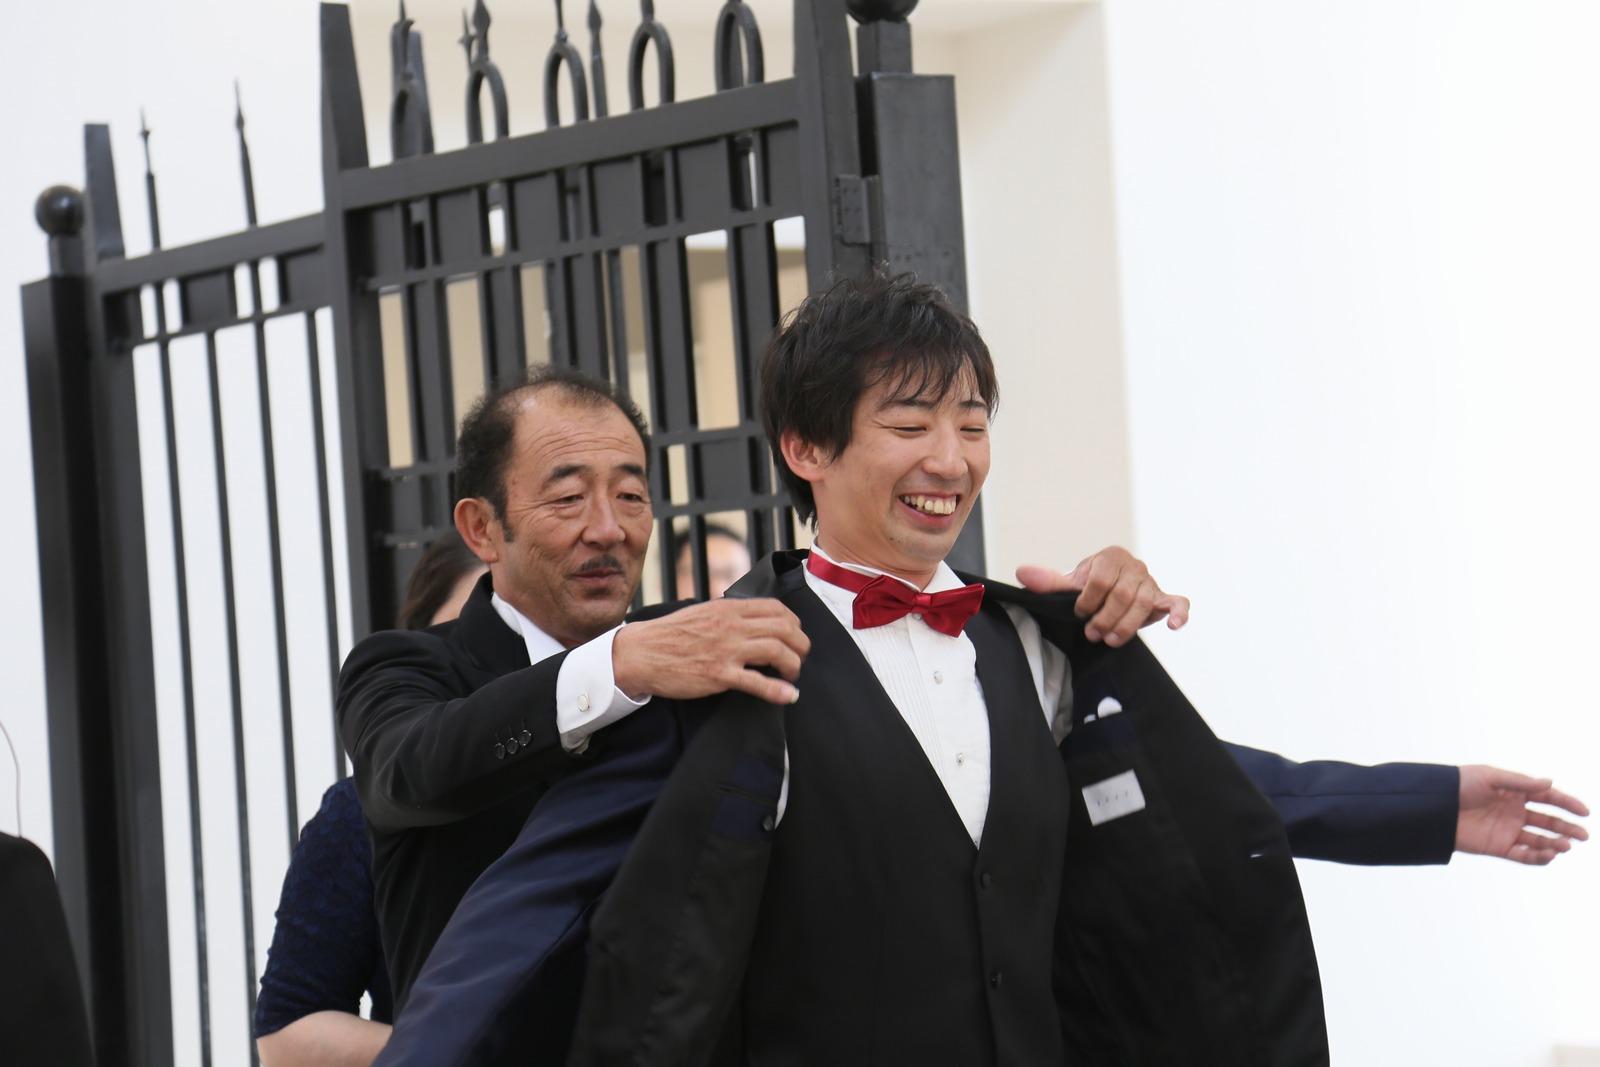 徳島市の結婚式場ブランアンジュで挙式中に行う新郎様が主役のジャケットセレモニー